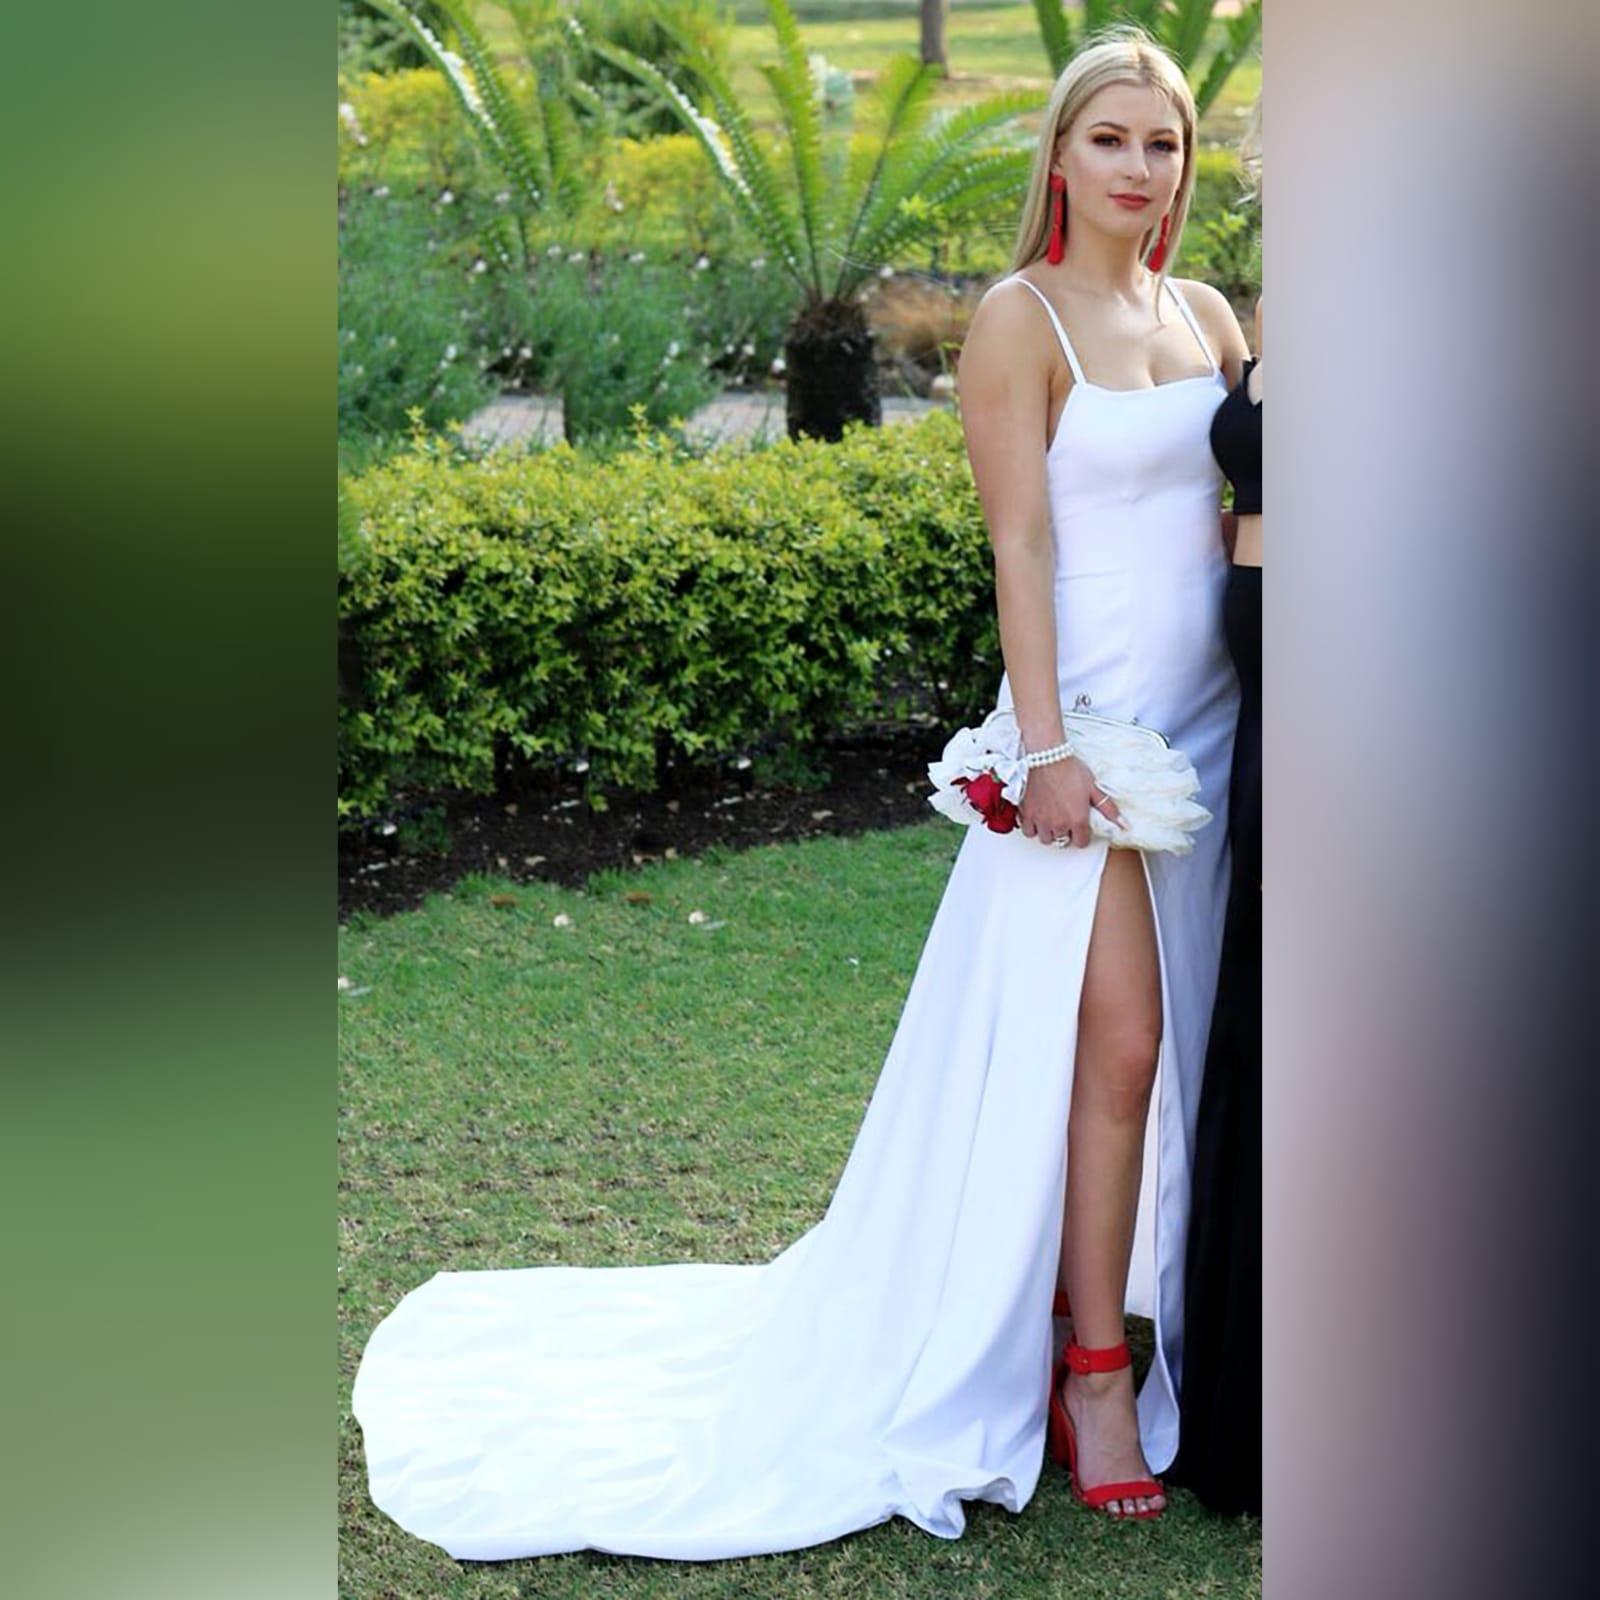 Vestido de finalistas longo de cetim branco com costas abertas 3 vestido de finalistas longo de cetim branco com costas abertas, com detalhe de fitas. Decote reto, 2 fendas e um trem.